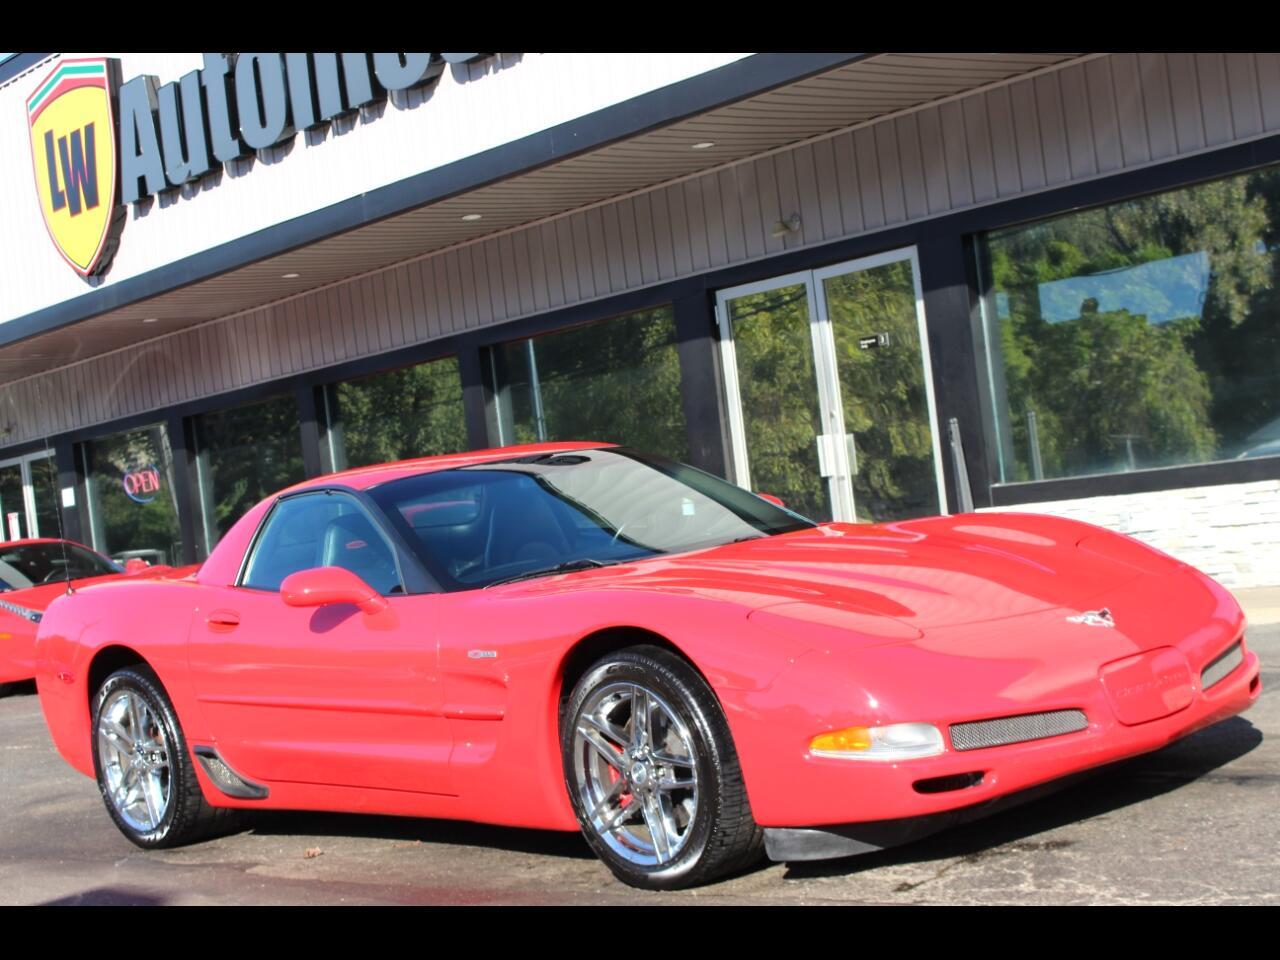 Chevrolet Corvette 2dr Z06 Hardtop 2003